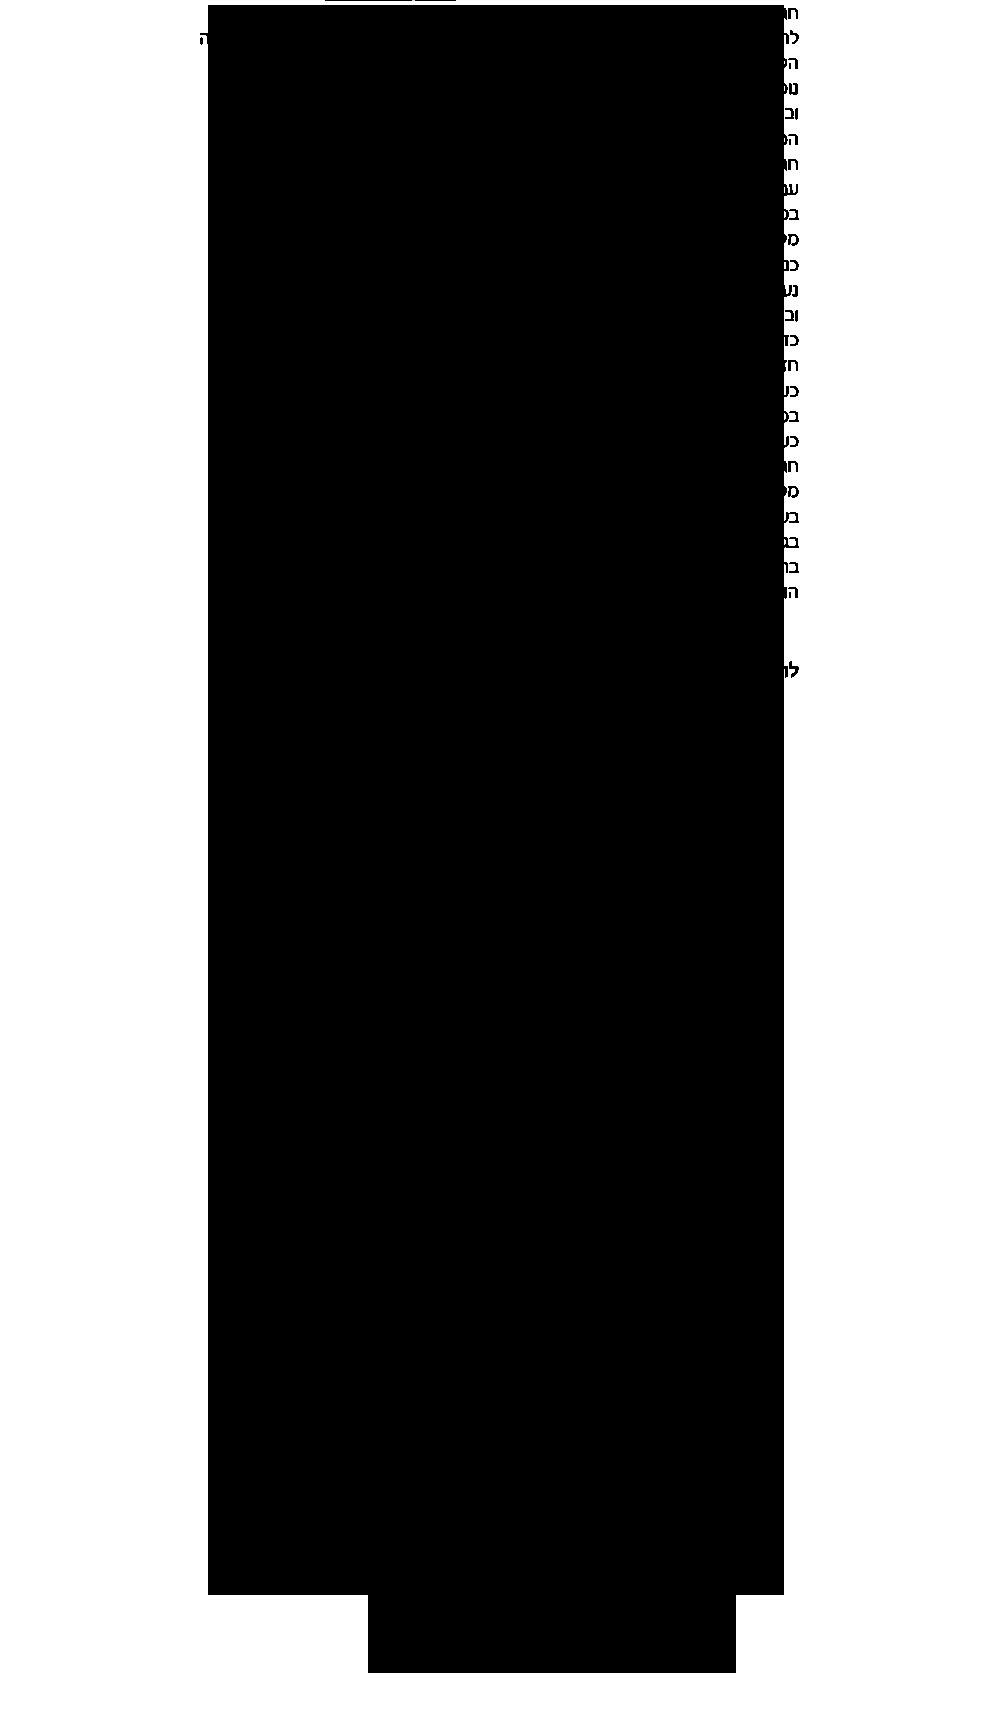 טקסט על חגי שפיר